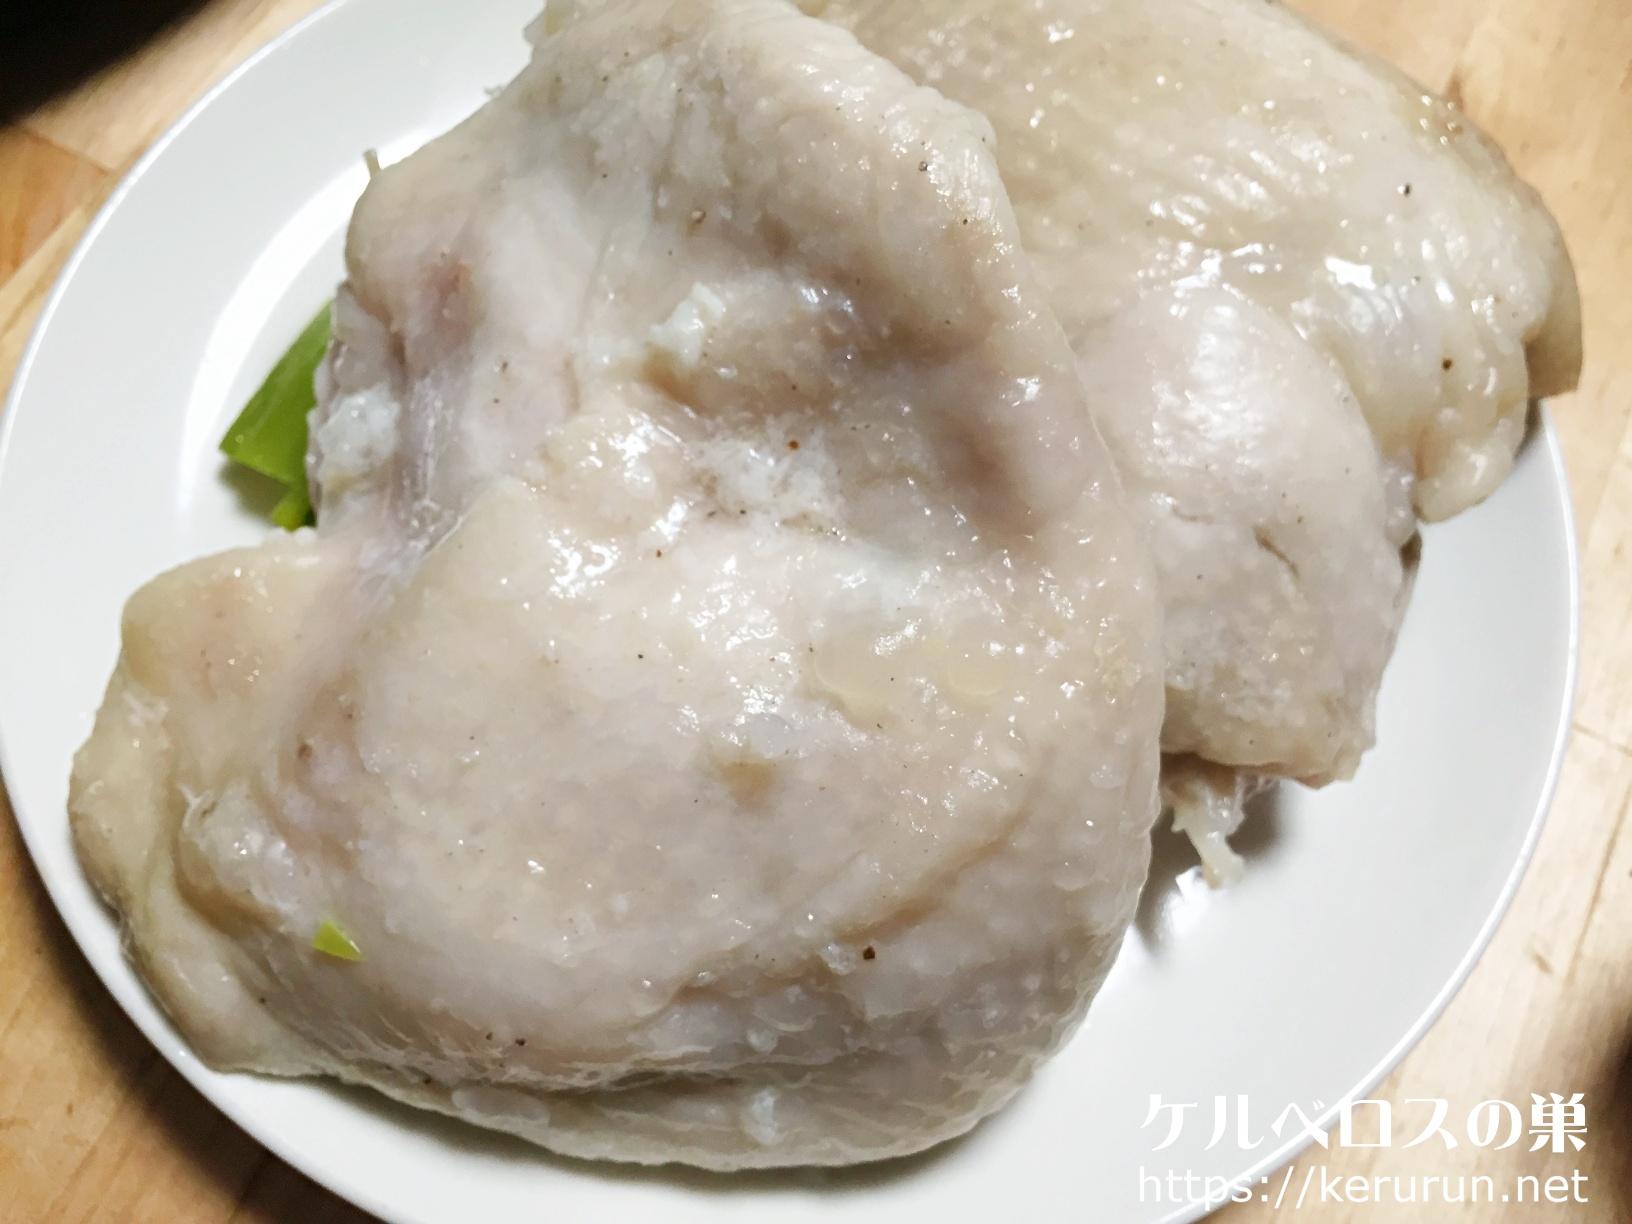 【レシピあり・コストコ活用術】炊飯器におまかせ!簡単海南鶏飯